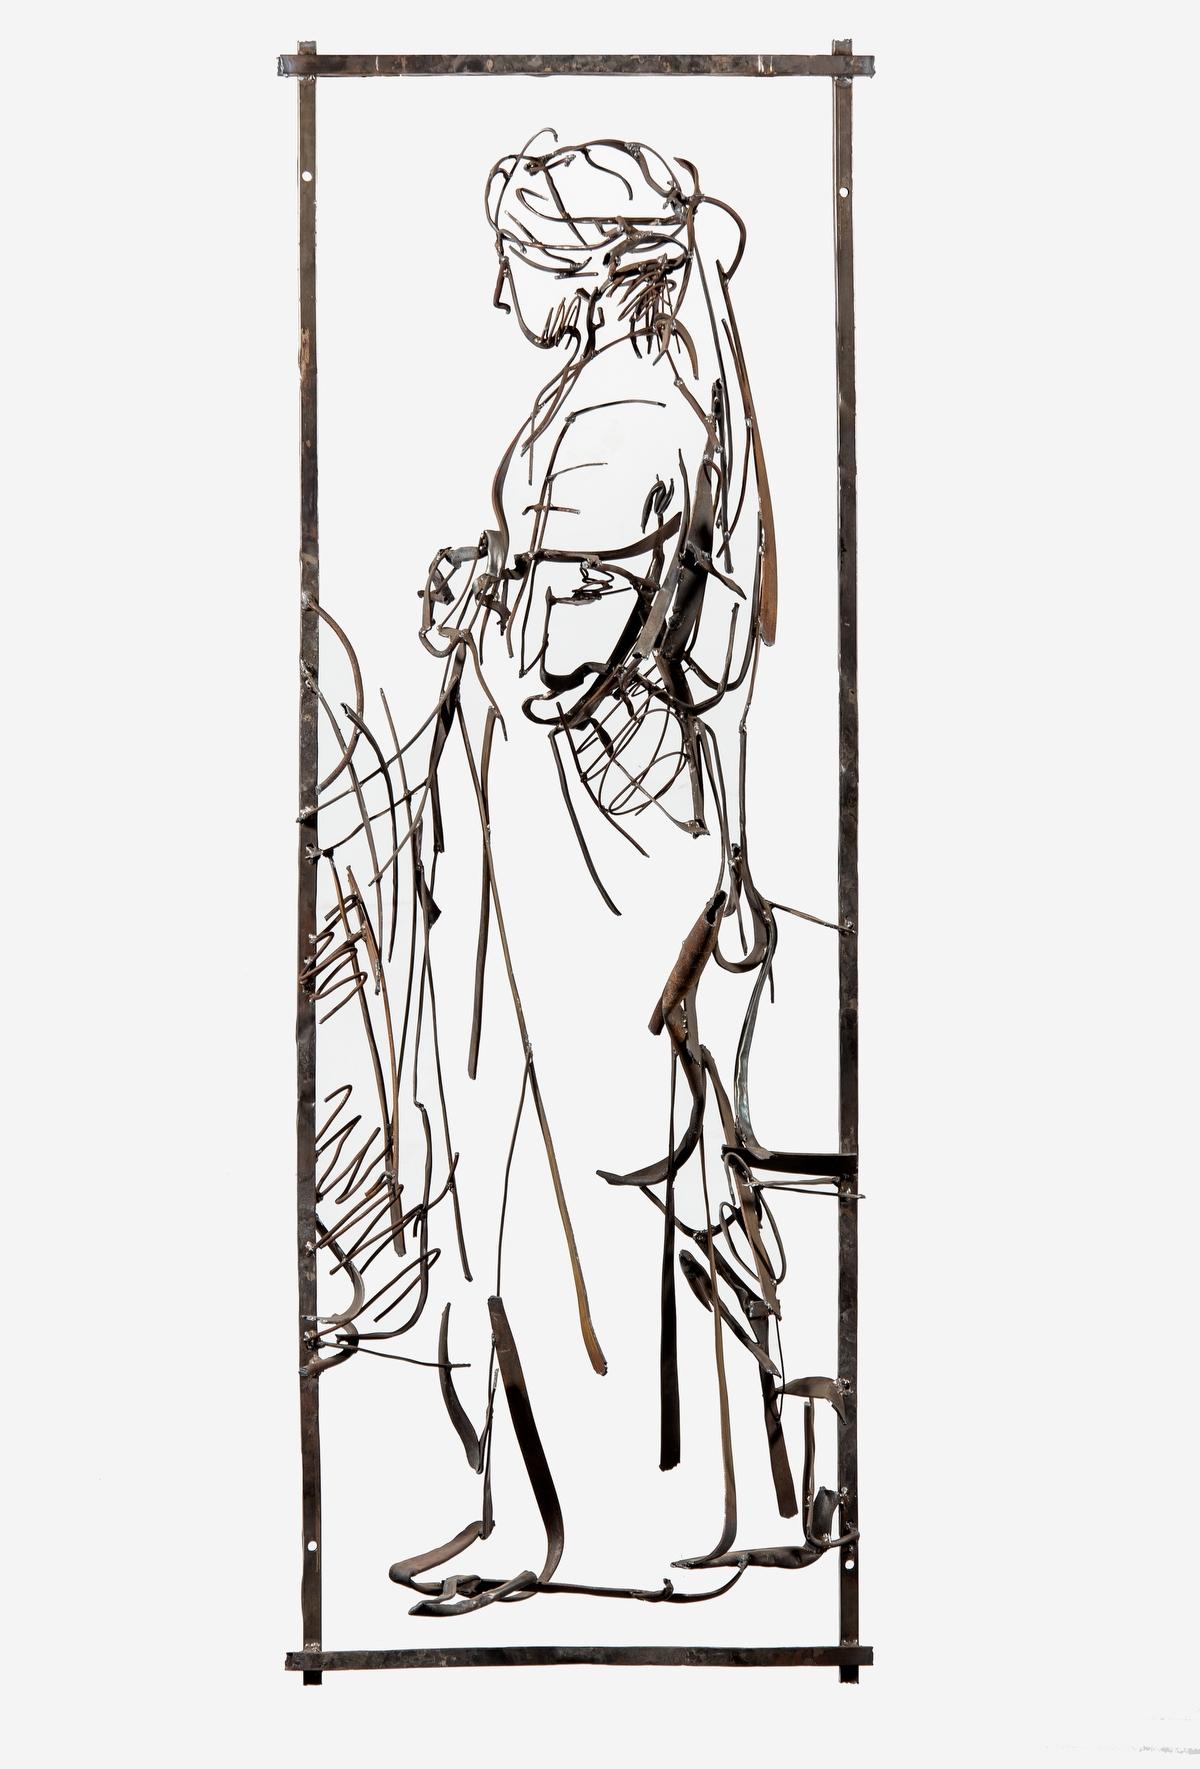 В экспозицию выставки, помимо работ Дмитрия Гутова, также вошли офорты и графика Рембрандта из собра